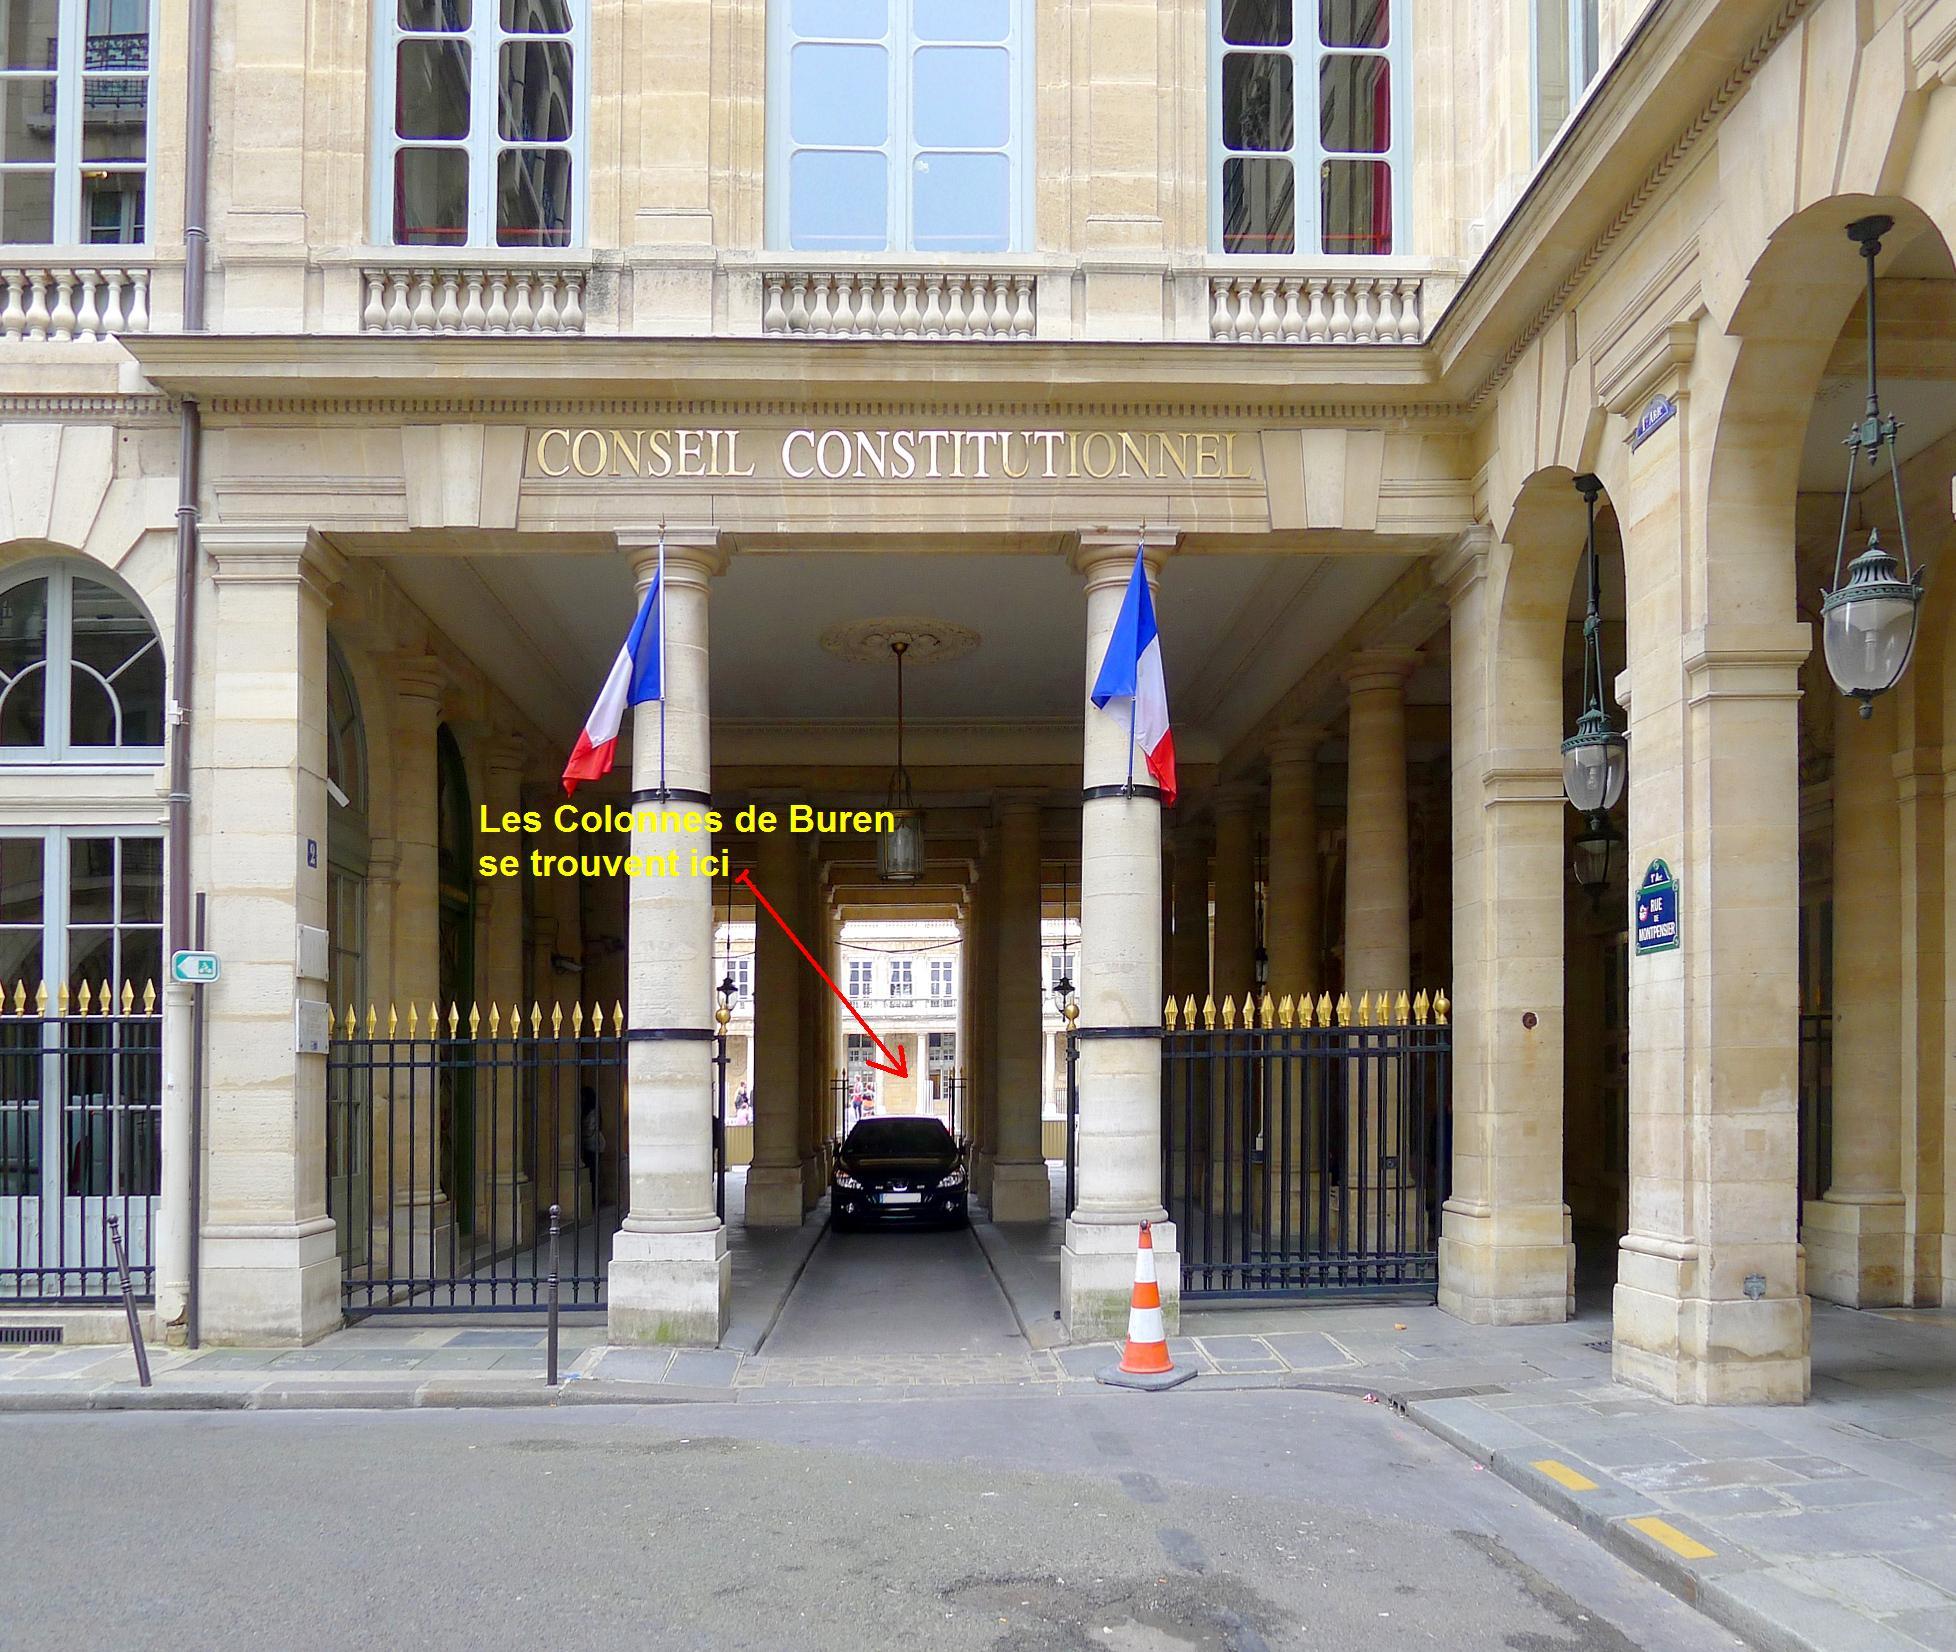 P1050187_Paris_Ier_rue_de_Montpensier_conseil_constitutionnel_rwk